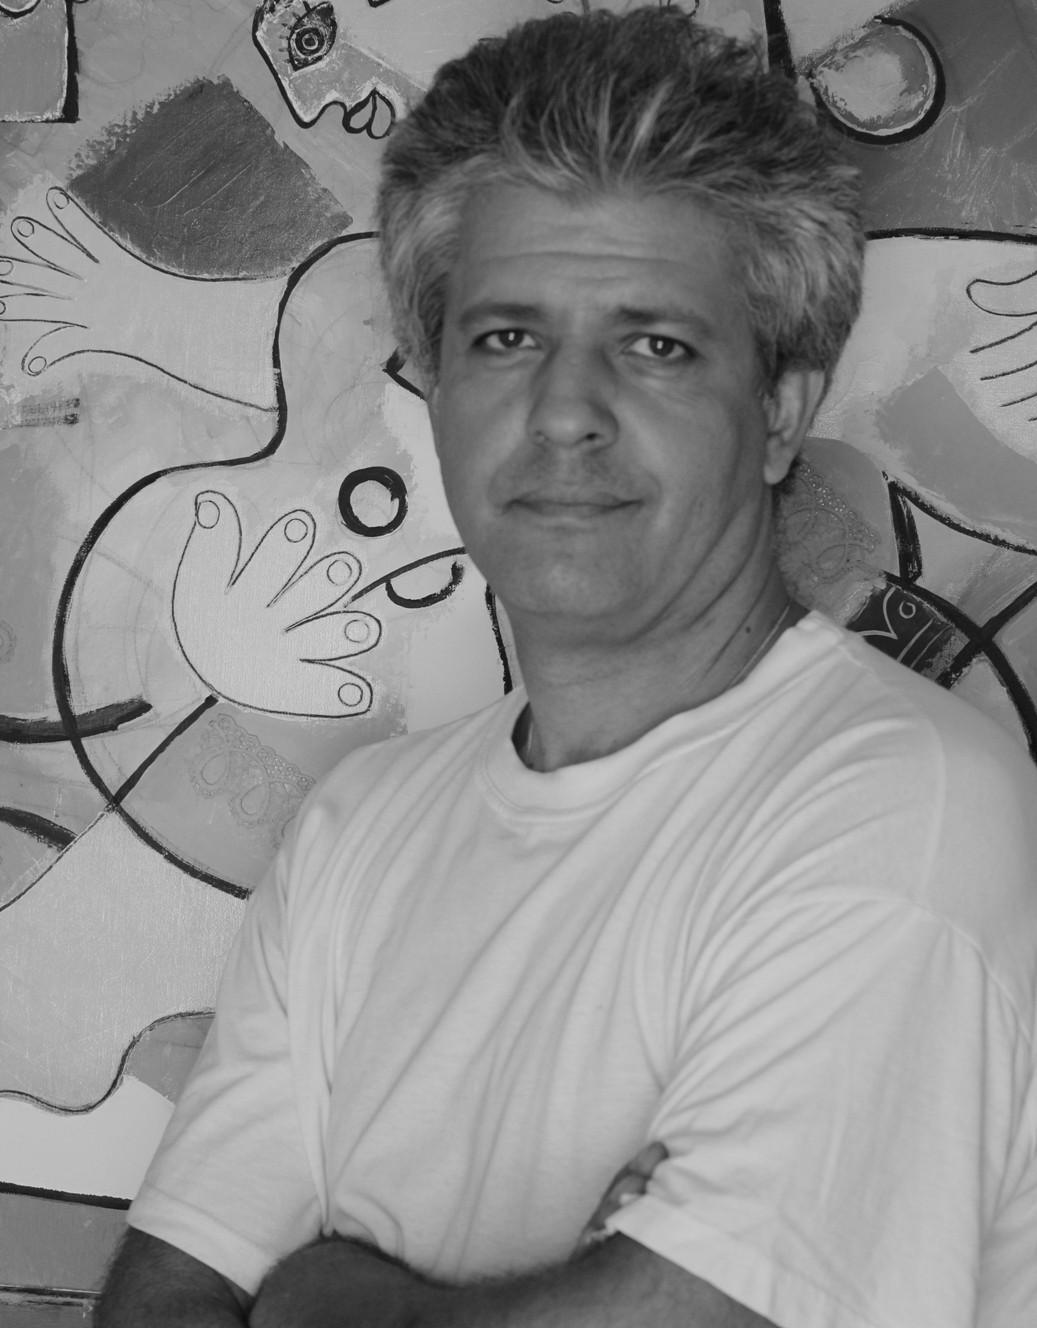 """Стефан Шиников Кариерата му в художествения свят на Париж е феноменална. Живописец и скулптор, Стефан излага редовно в една от най-престижните галерии за съвременно изкуство във френската столица - """"Modus art gallery"""" на Place des Vosges. Негови творби присъстват в някои от най-добрите частни колекции в света. Сн.: Личен архив"""